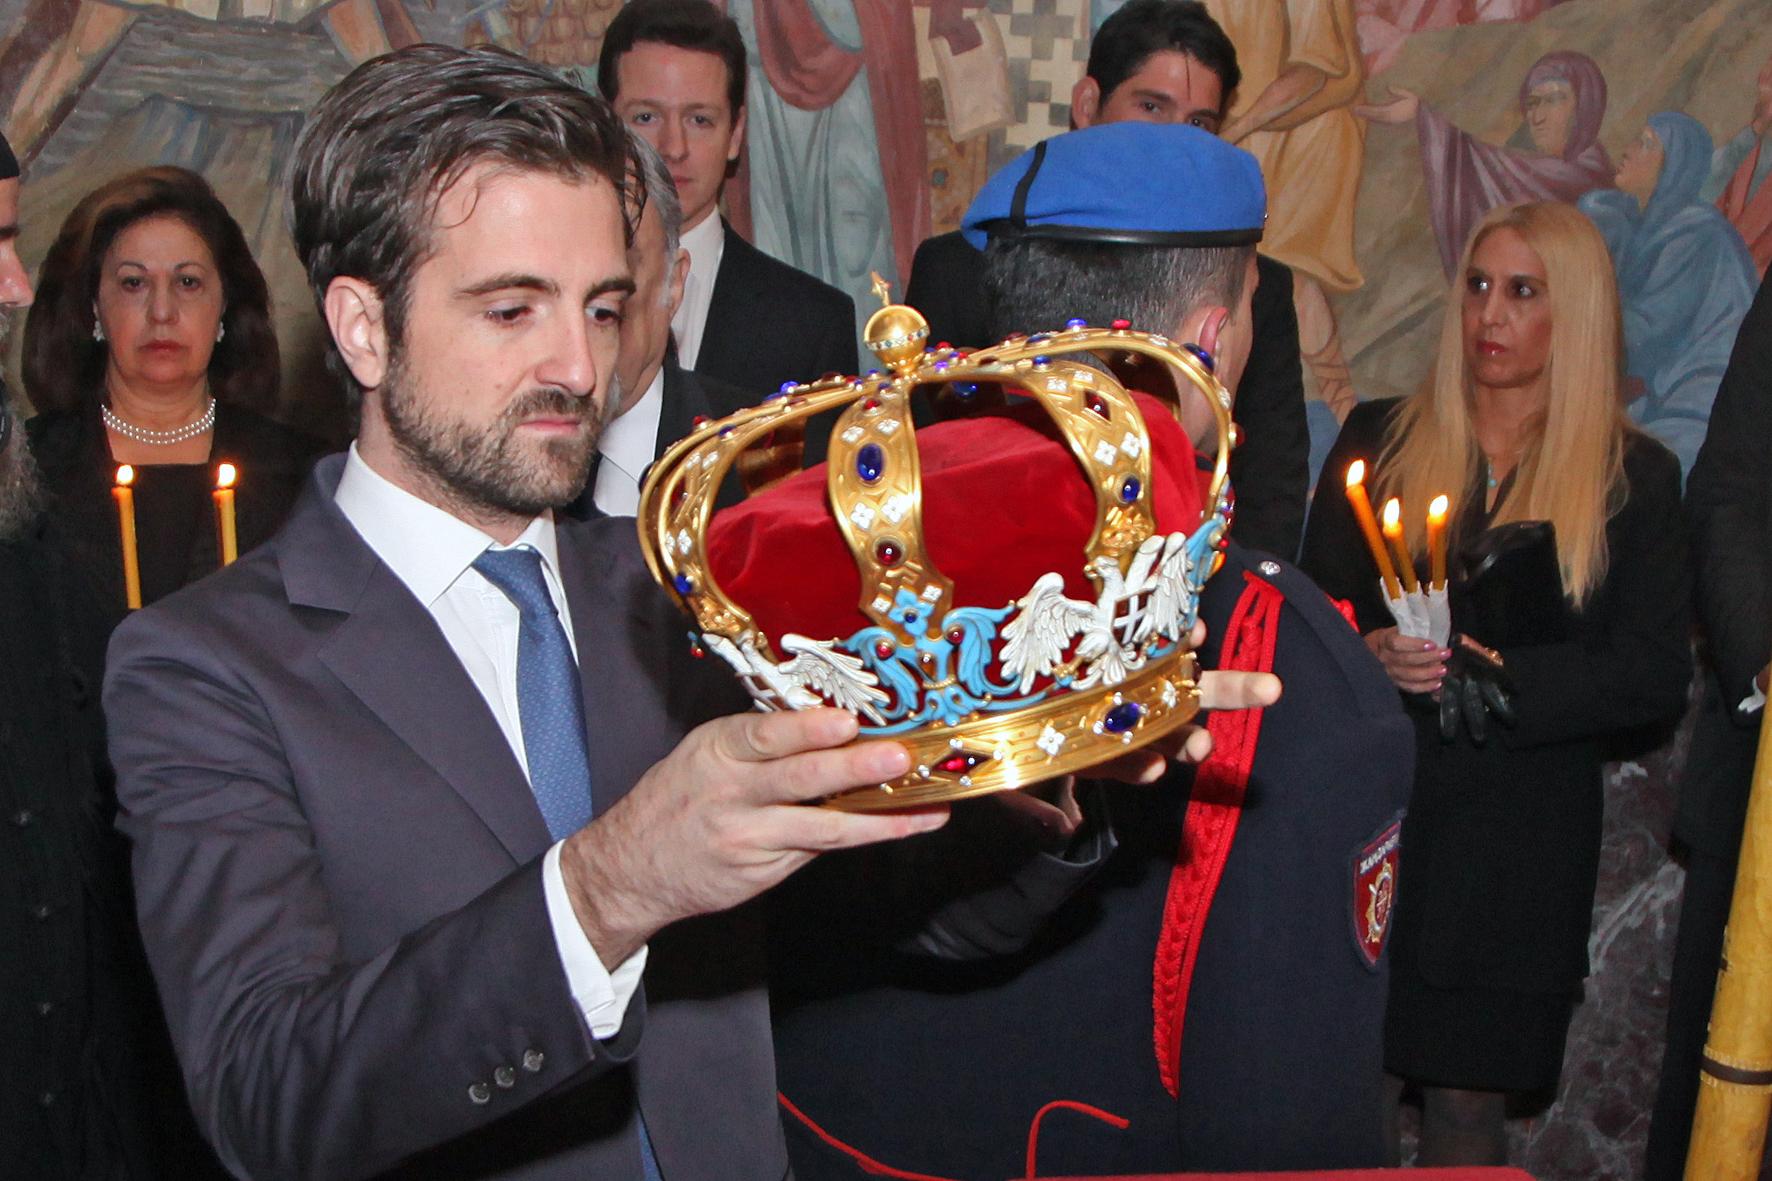 Ο διάδοχος πρίγκιπας Πέτρς ενώ τοποθετεί την κορώνα στο φέρετρο του βασιλέως Πέτρου